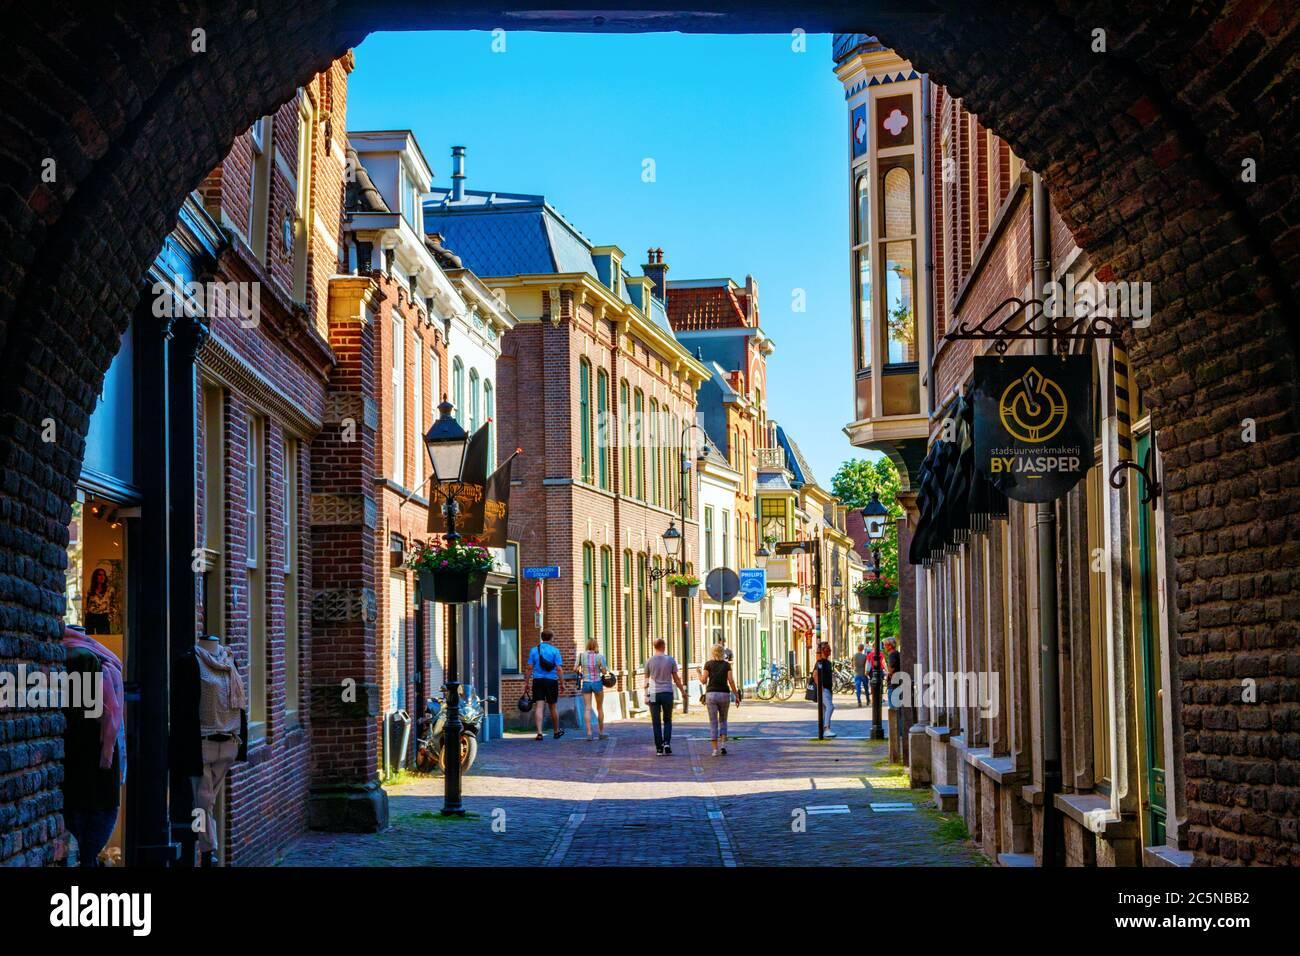 Culemborg. Centro de la ciudad vieja con el Varkensmarkt (Plaza del mercado de los Picos) visto desde el Binnenpoort (Puerta de la Ciudad) en una tarde soleada. Países Bajos. Foto de stock